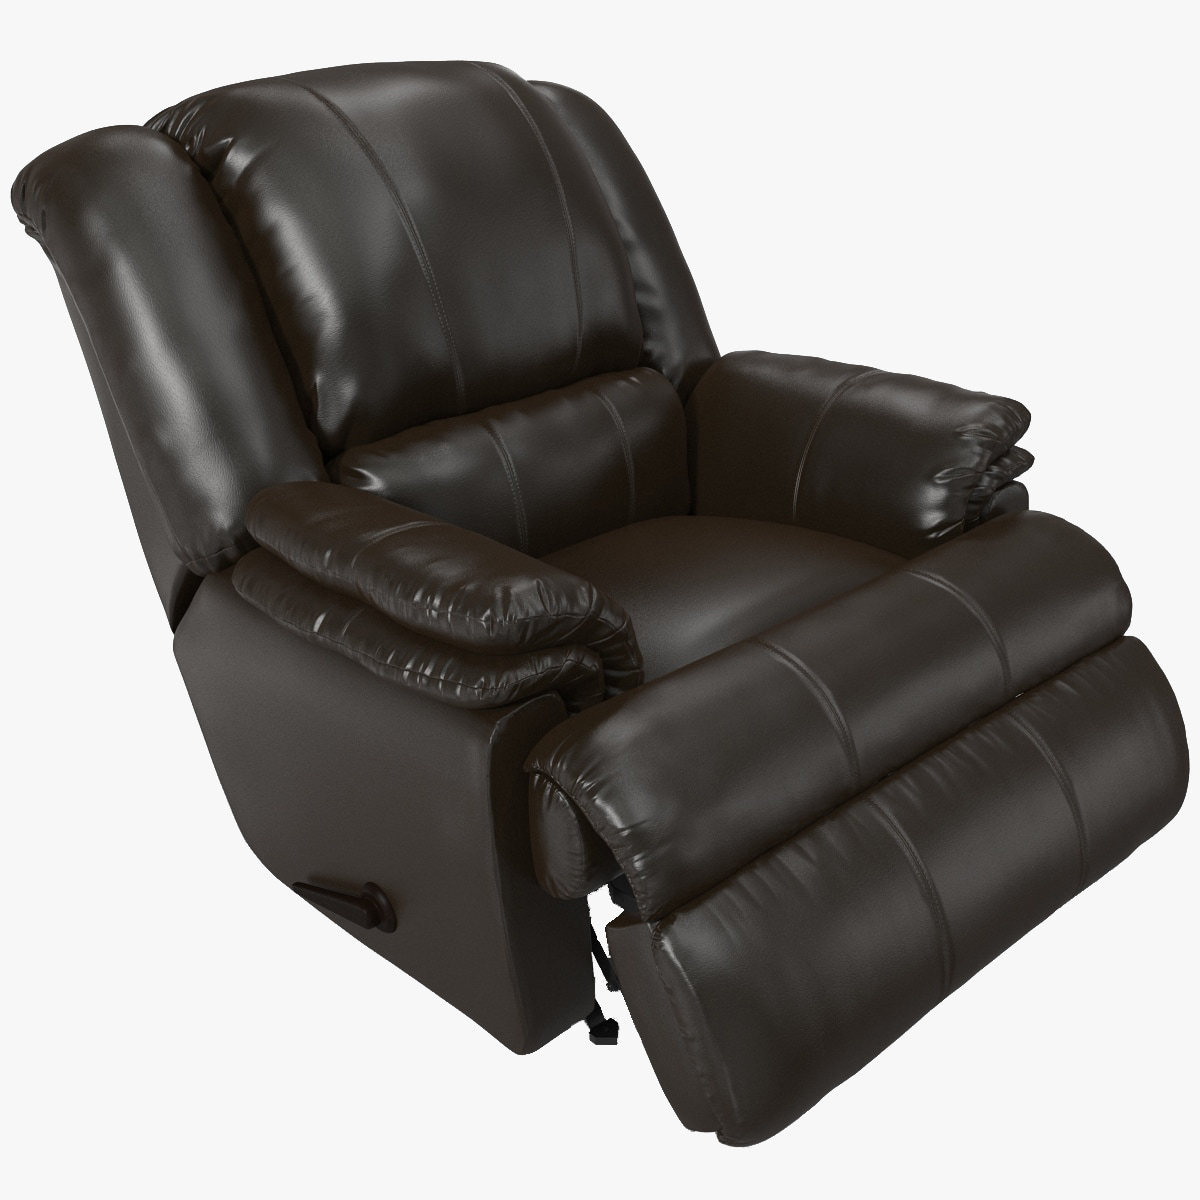 max ashford padded rocker recliner